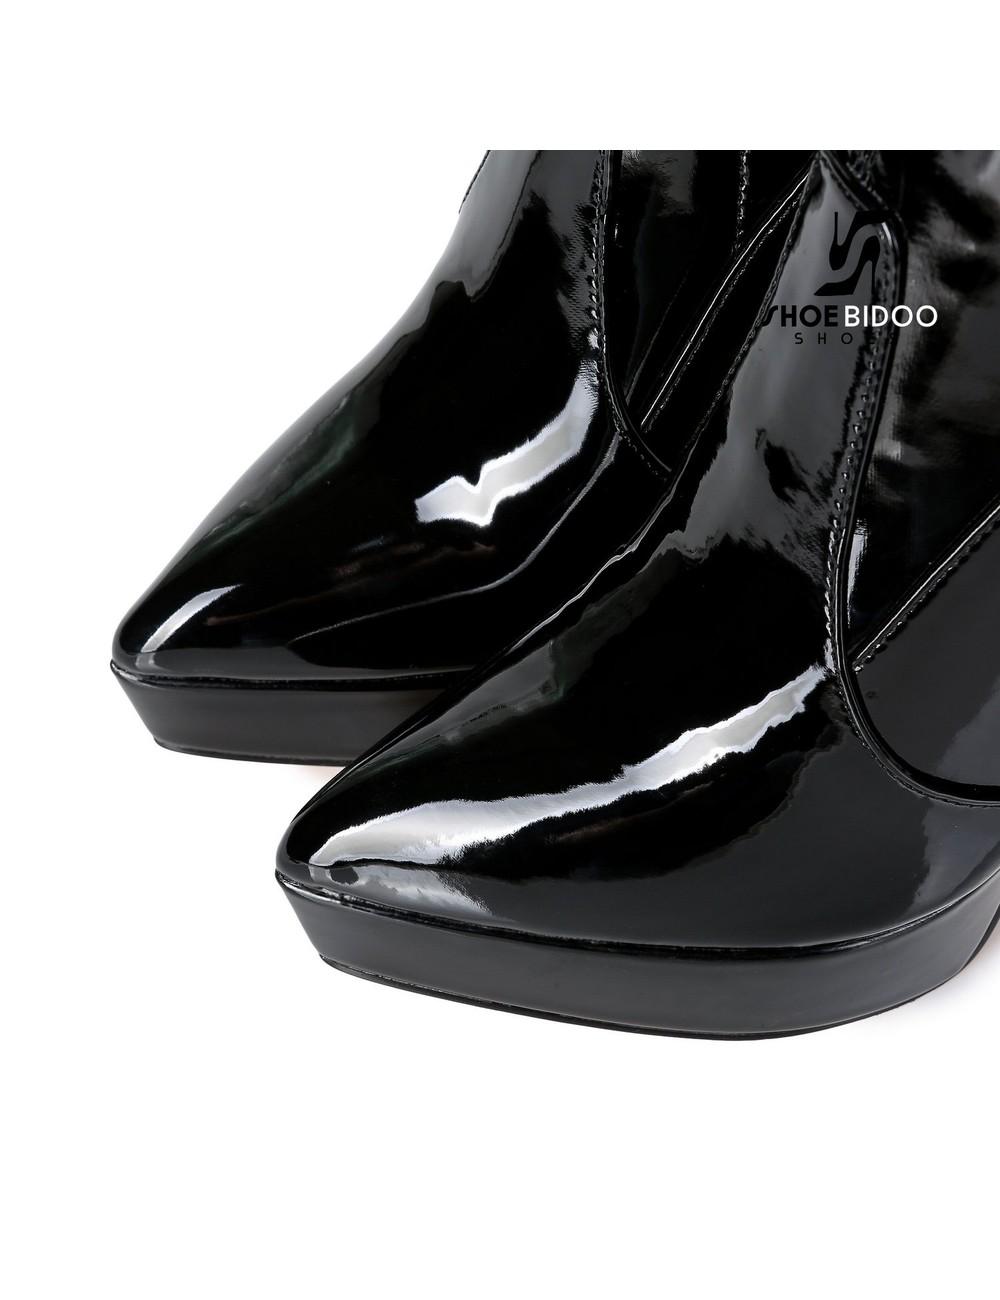 Giaro Giaro Platform dijlaarzen SPIRE in zwart lak